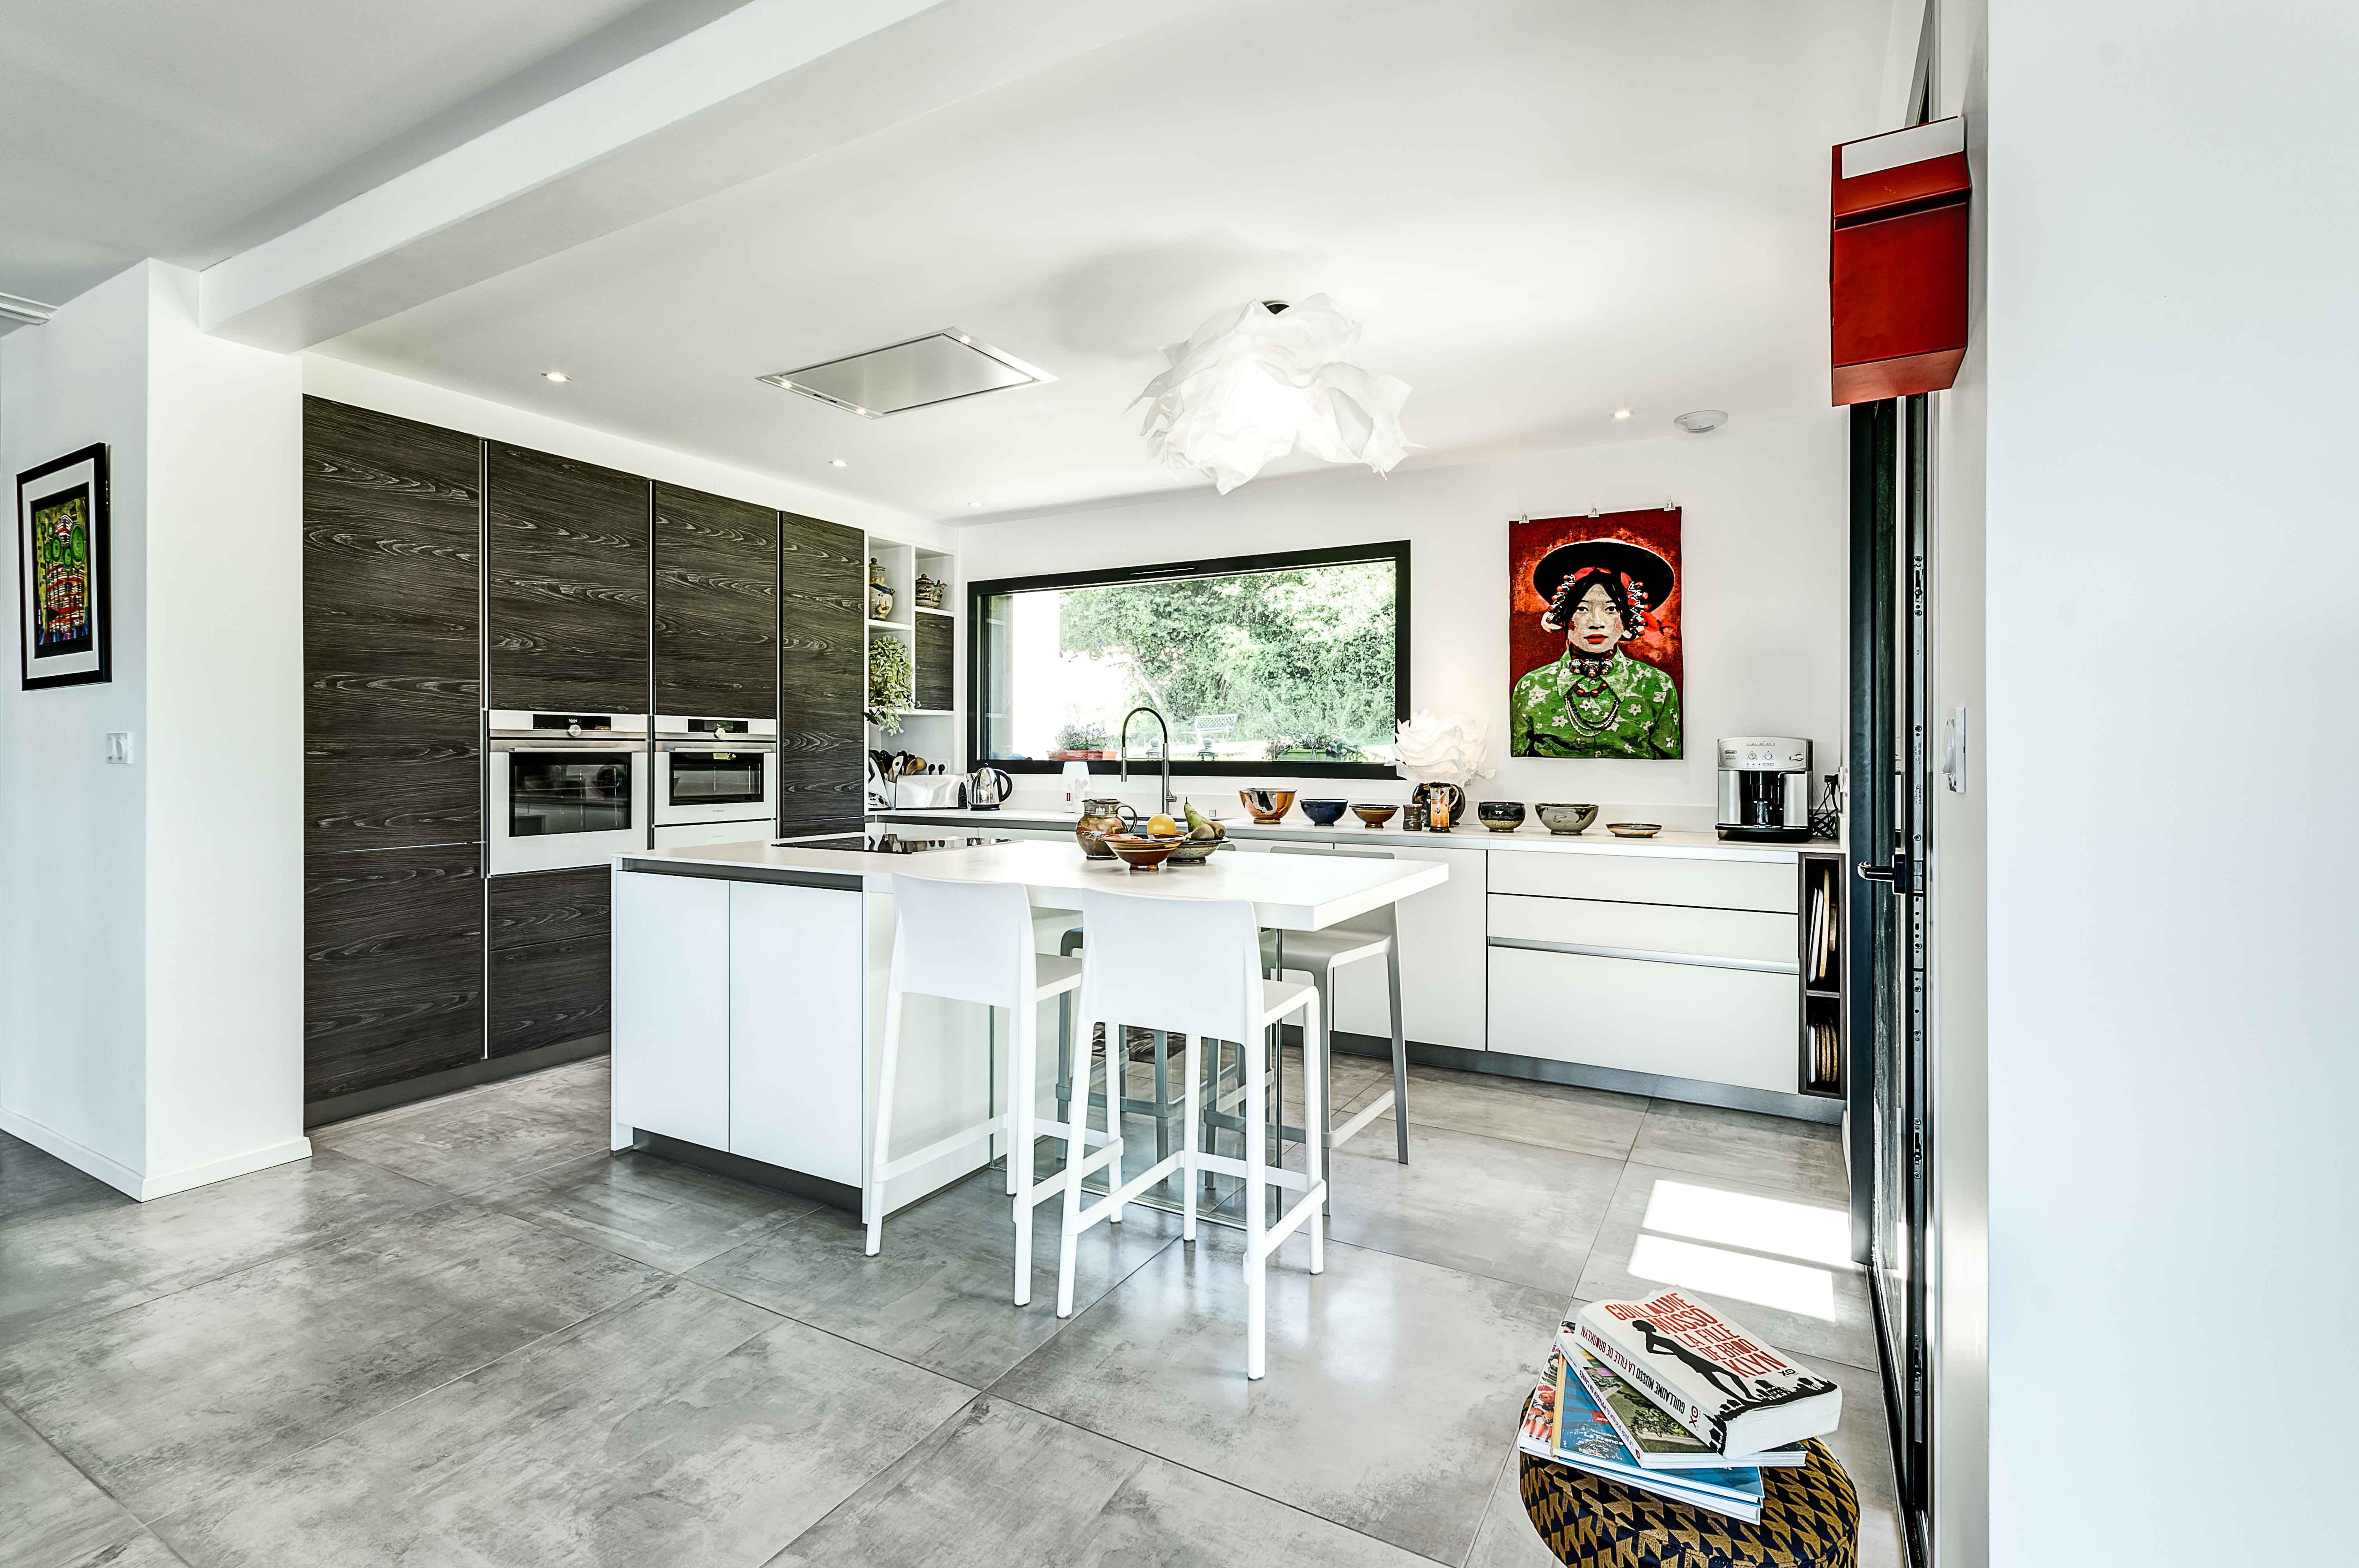 réalisation par des cuisinistes professionnels architectes d'intérieur décorateurs sur annecy